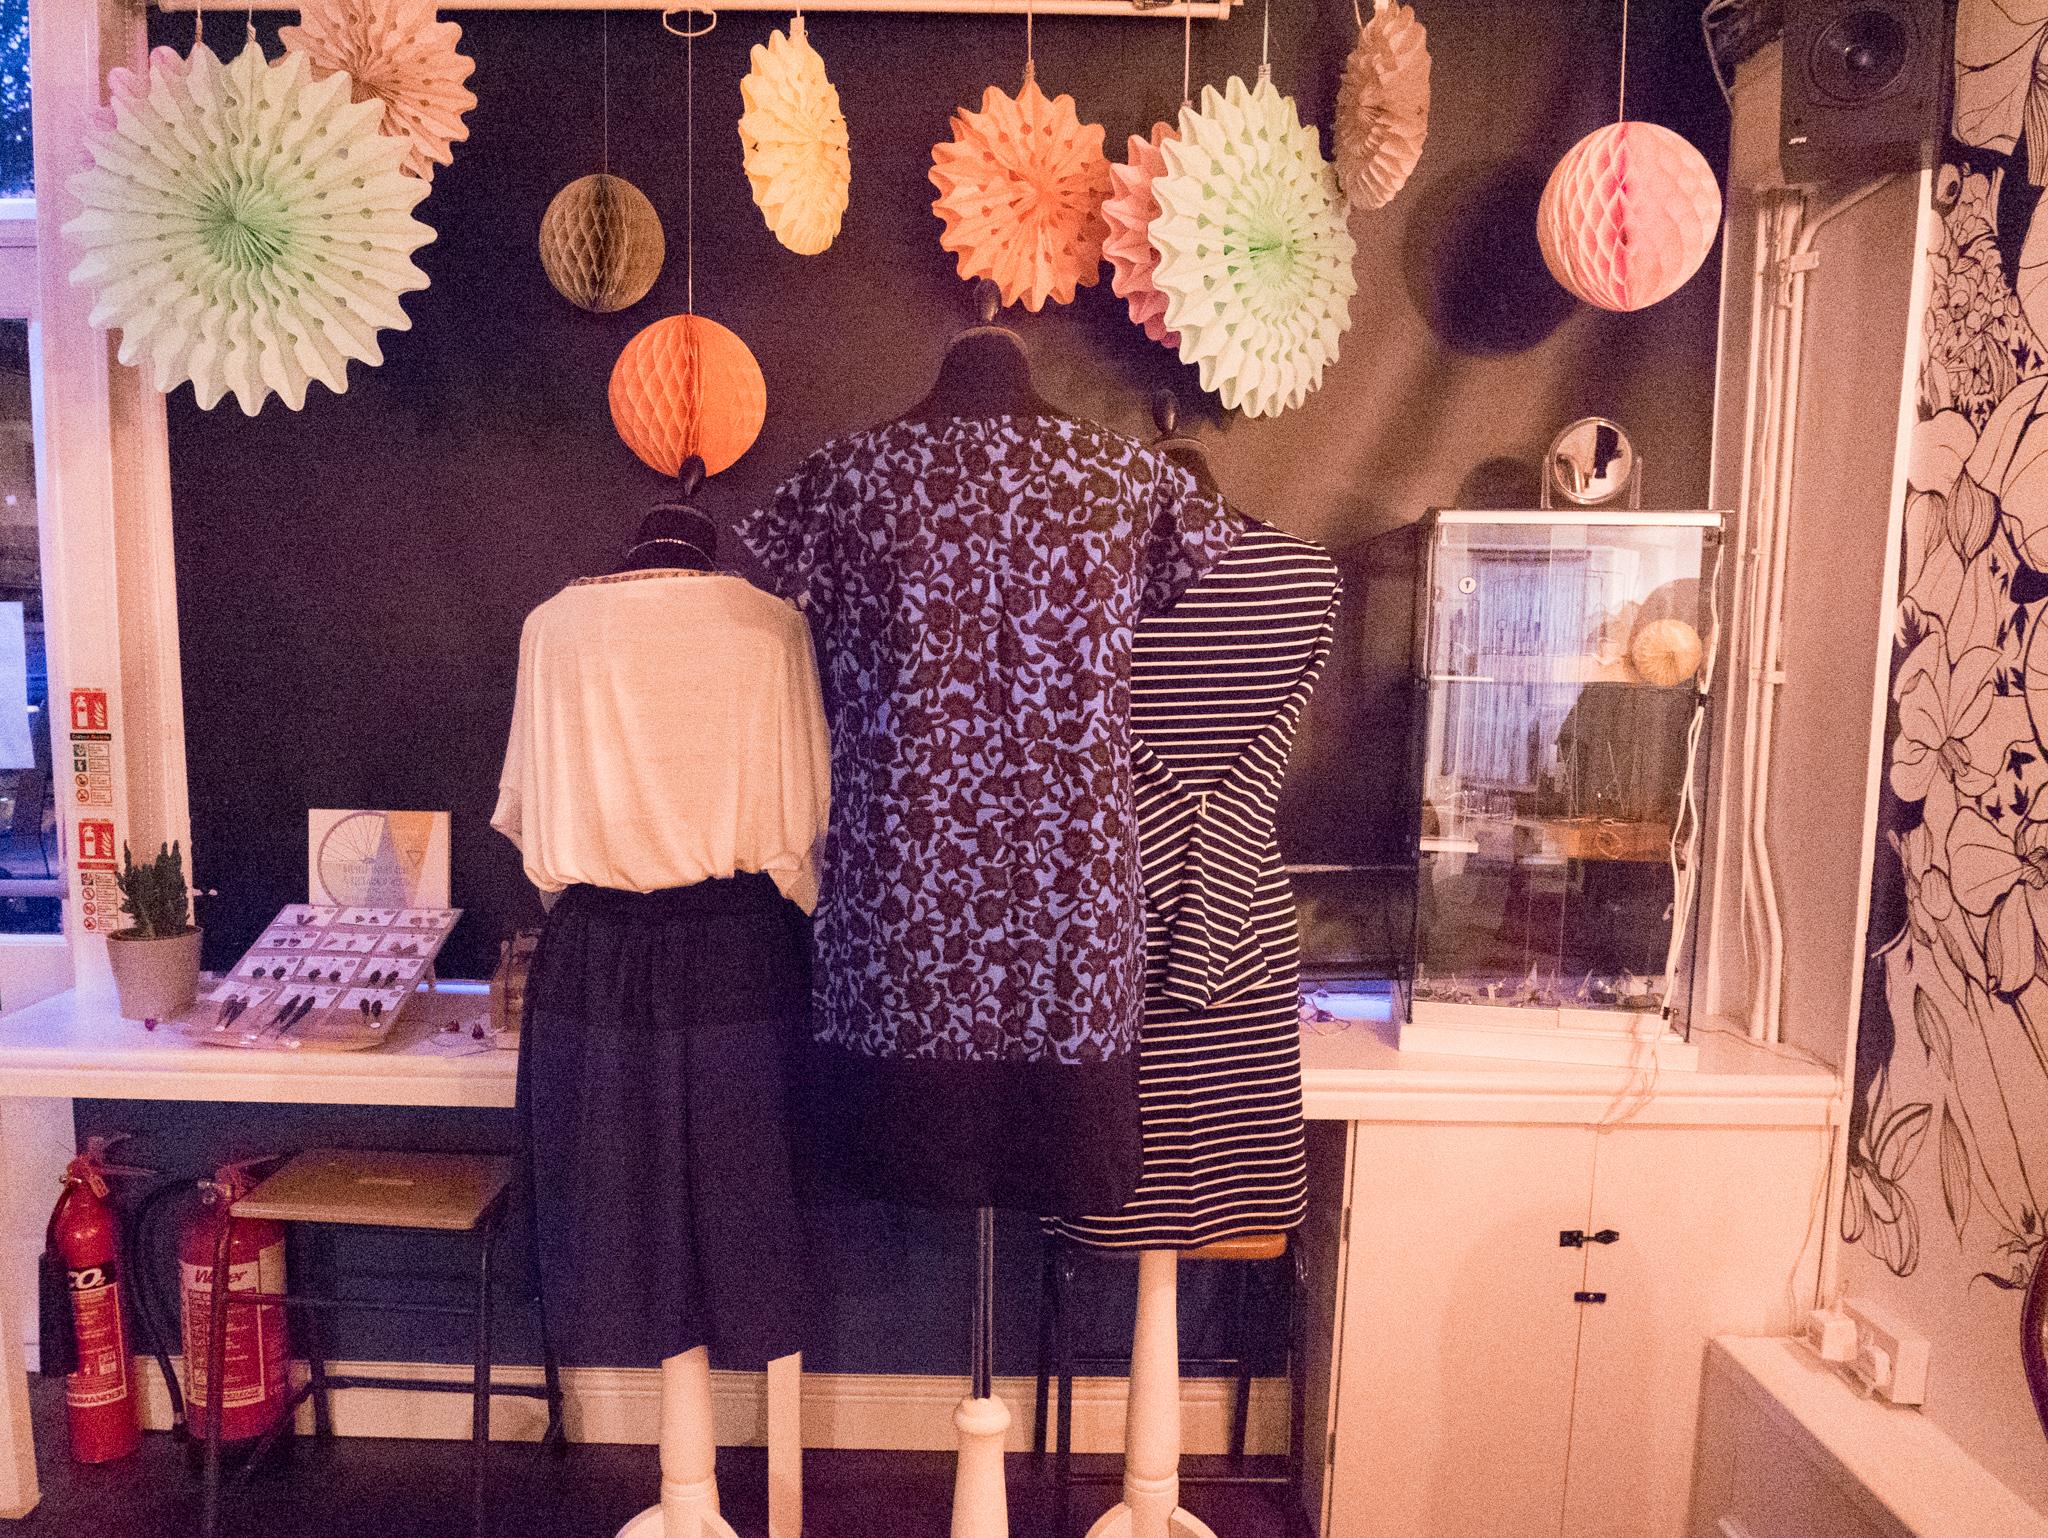 Independent Fashion Focus – an alternative to Bristol Fashion Week